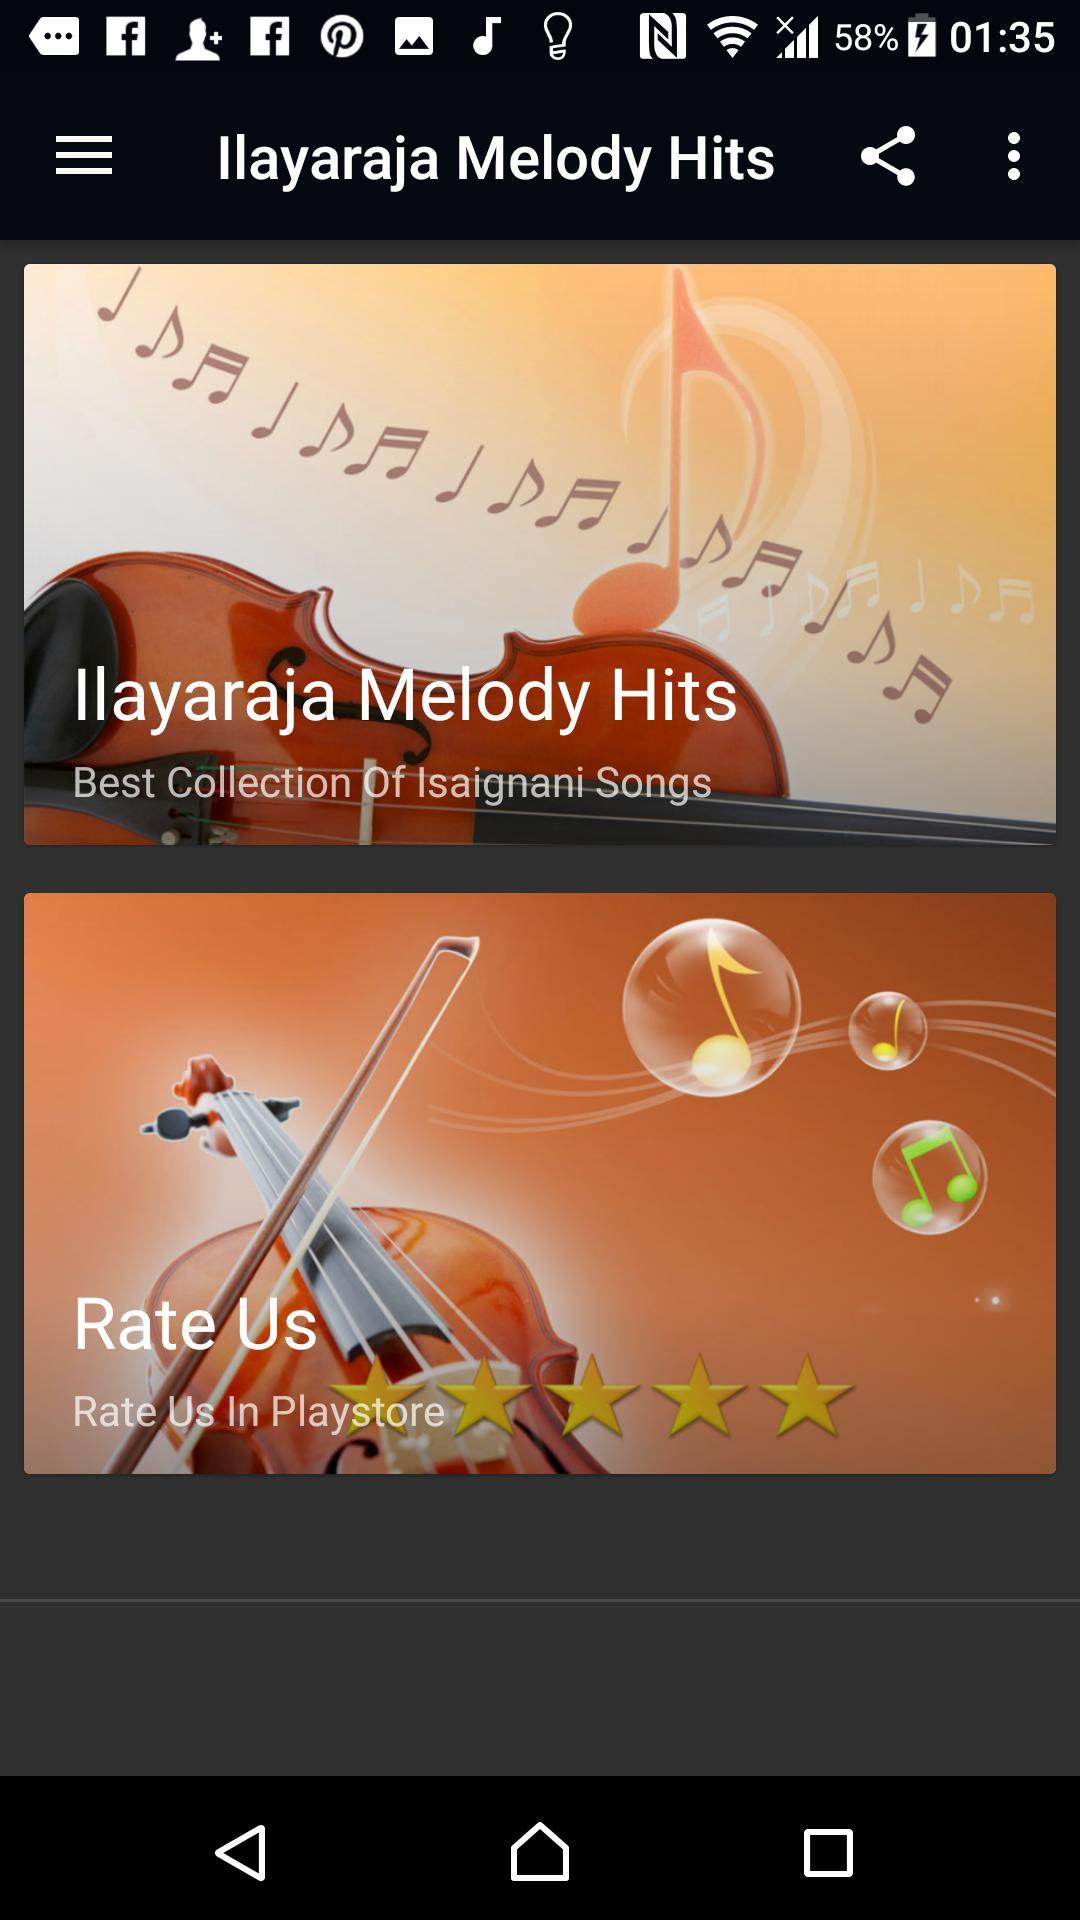 Ilayaraja violin music ringtone download